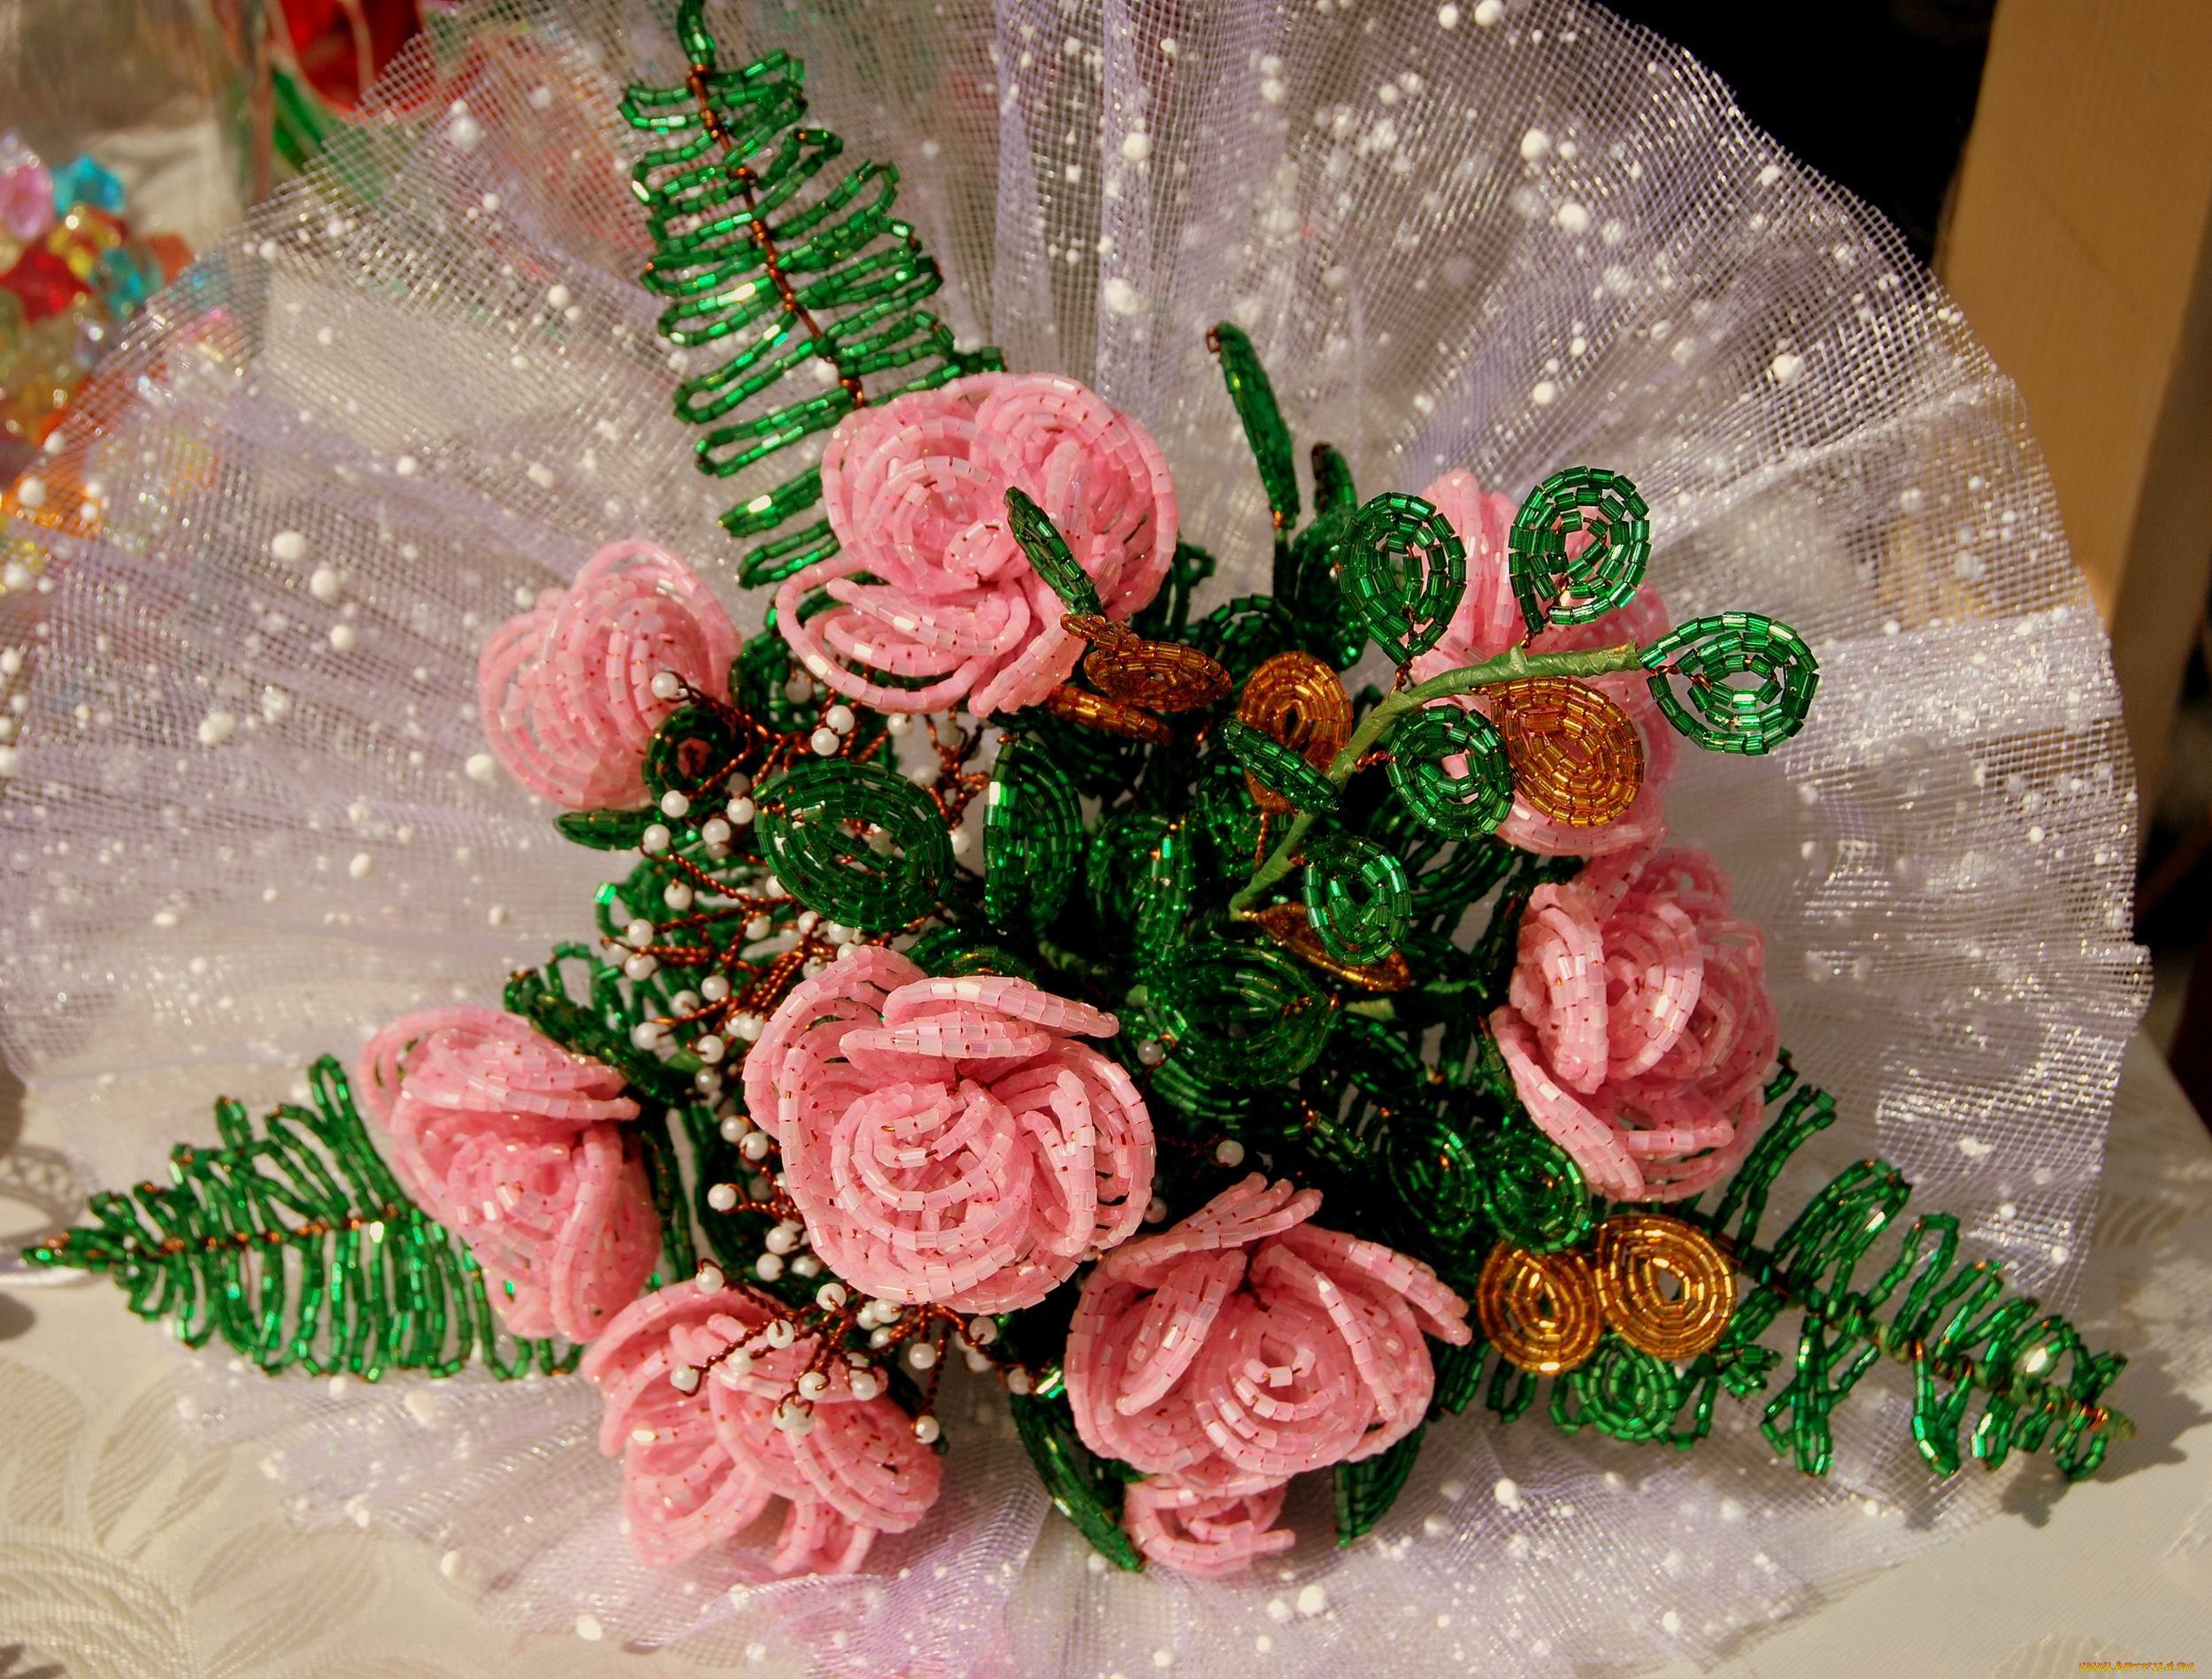 обои для рабочего стола 2500x1898 разное, ремесла, поделки, рукоделие, бисер, розы, цветы, бисероплетение.